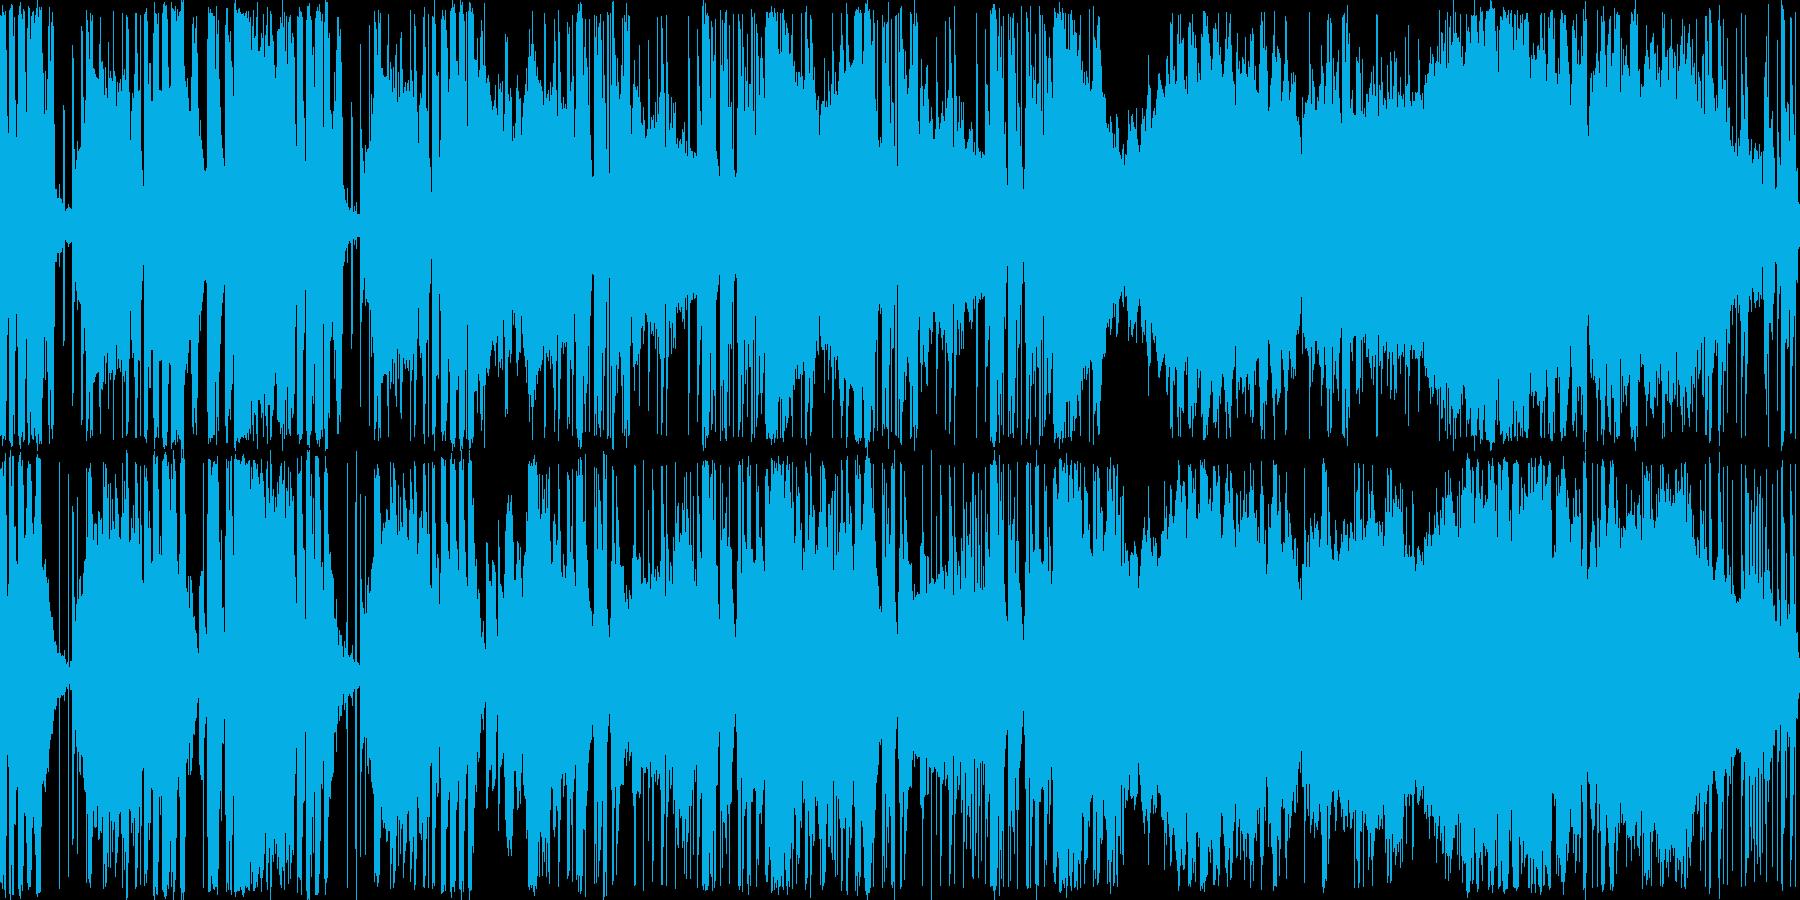 暗くて不思議な雰囲気のオーケストラ曲の再生済みの波形